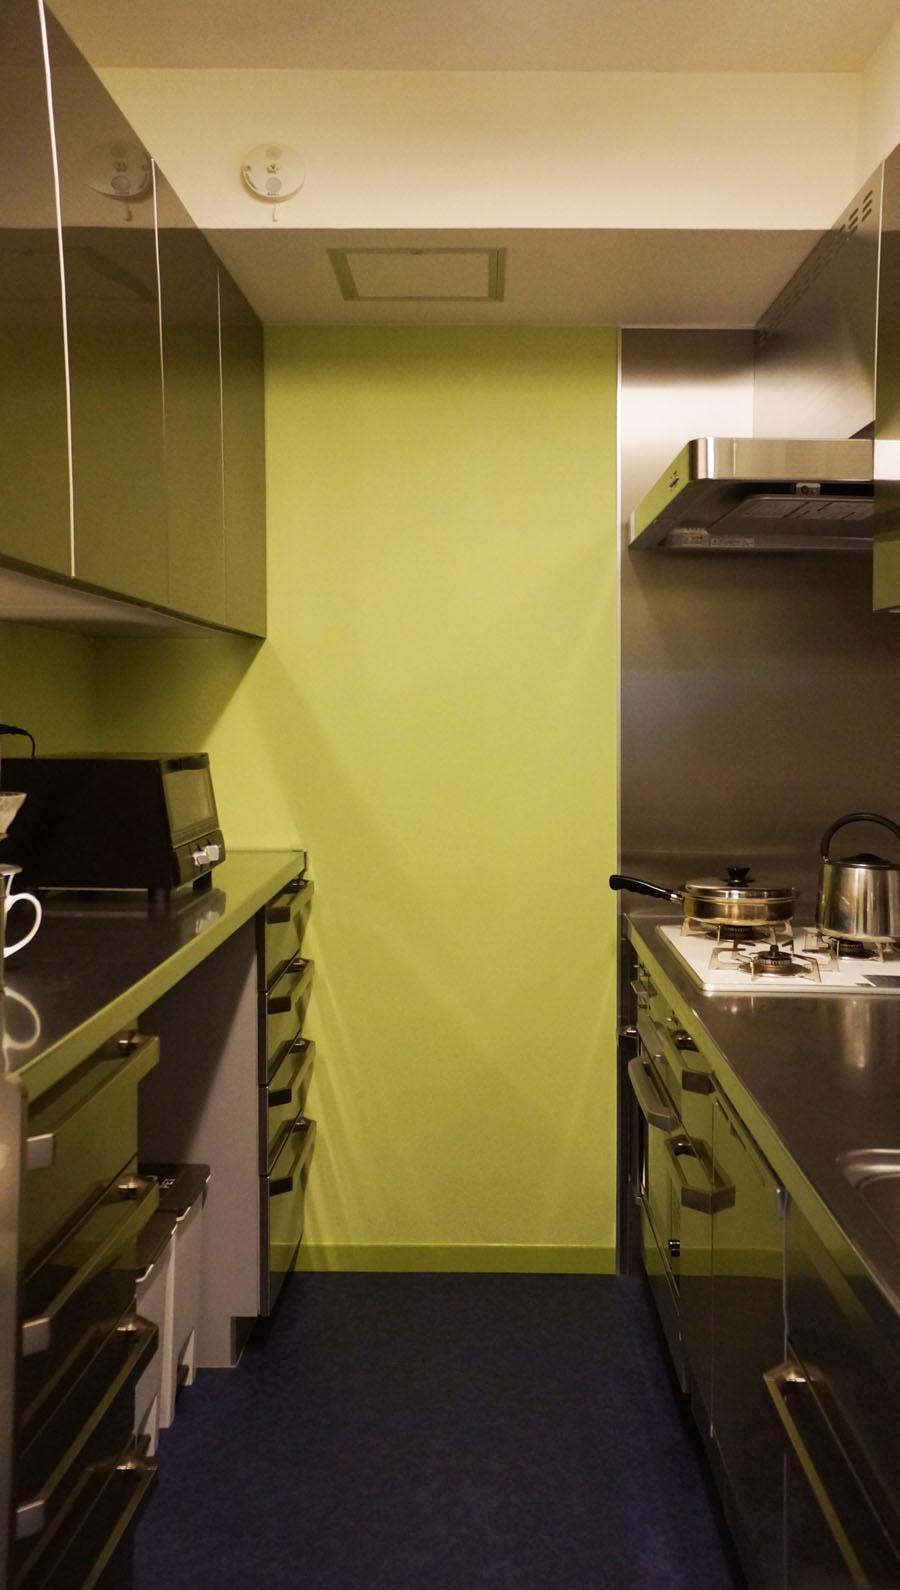 シンプルなデザインで使い勝手良いキッチン